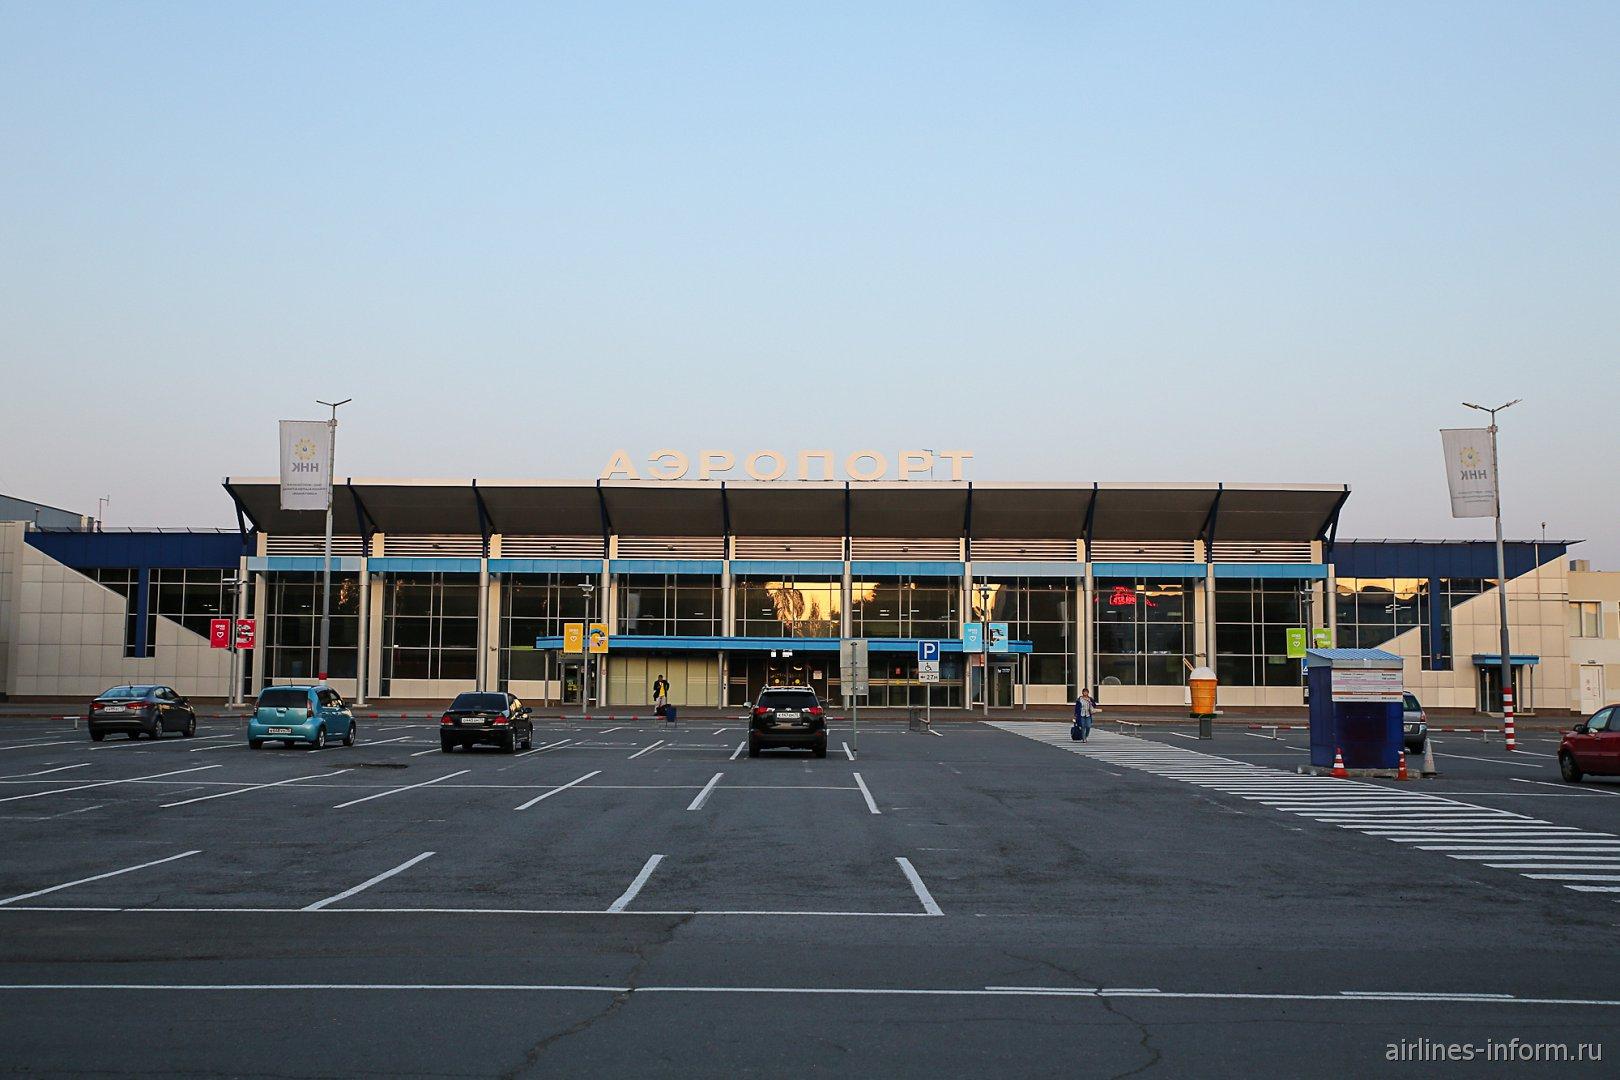 Автомобильная парковка у входа в пассажирский терминал аэропорта Томск